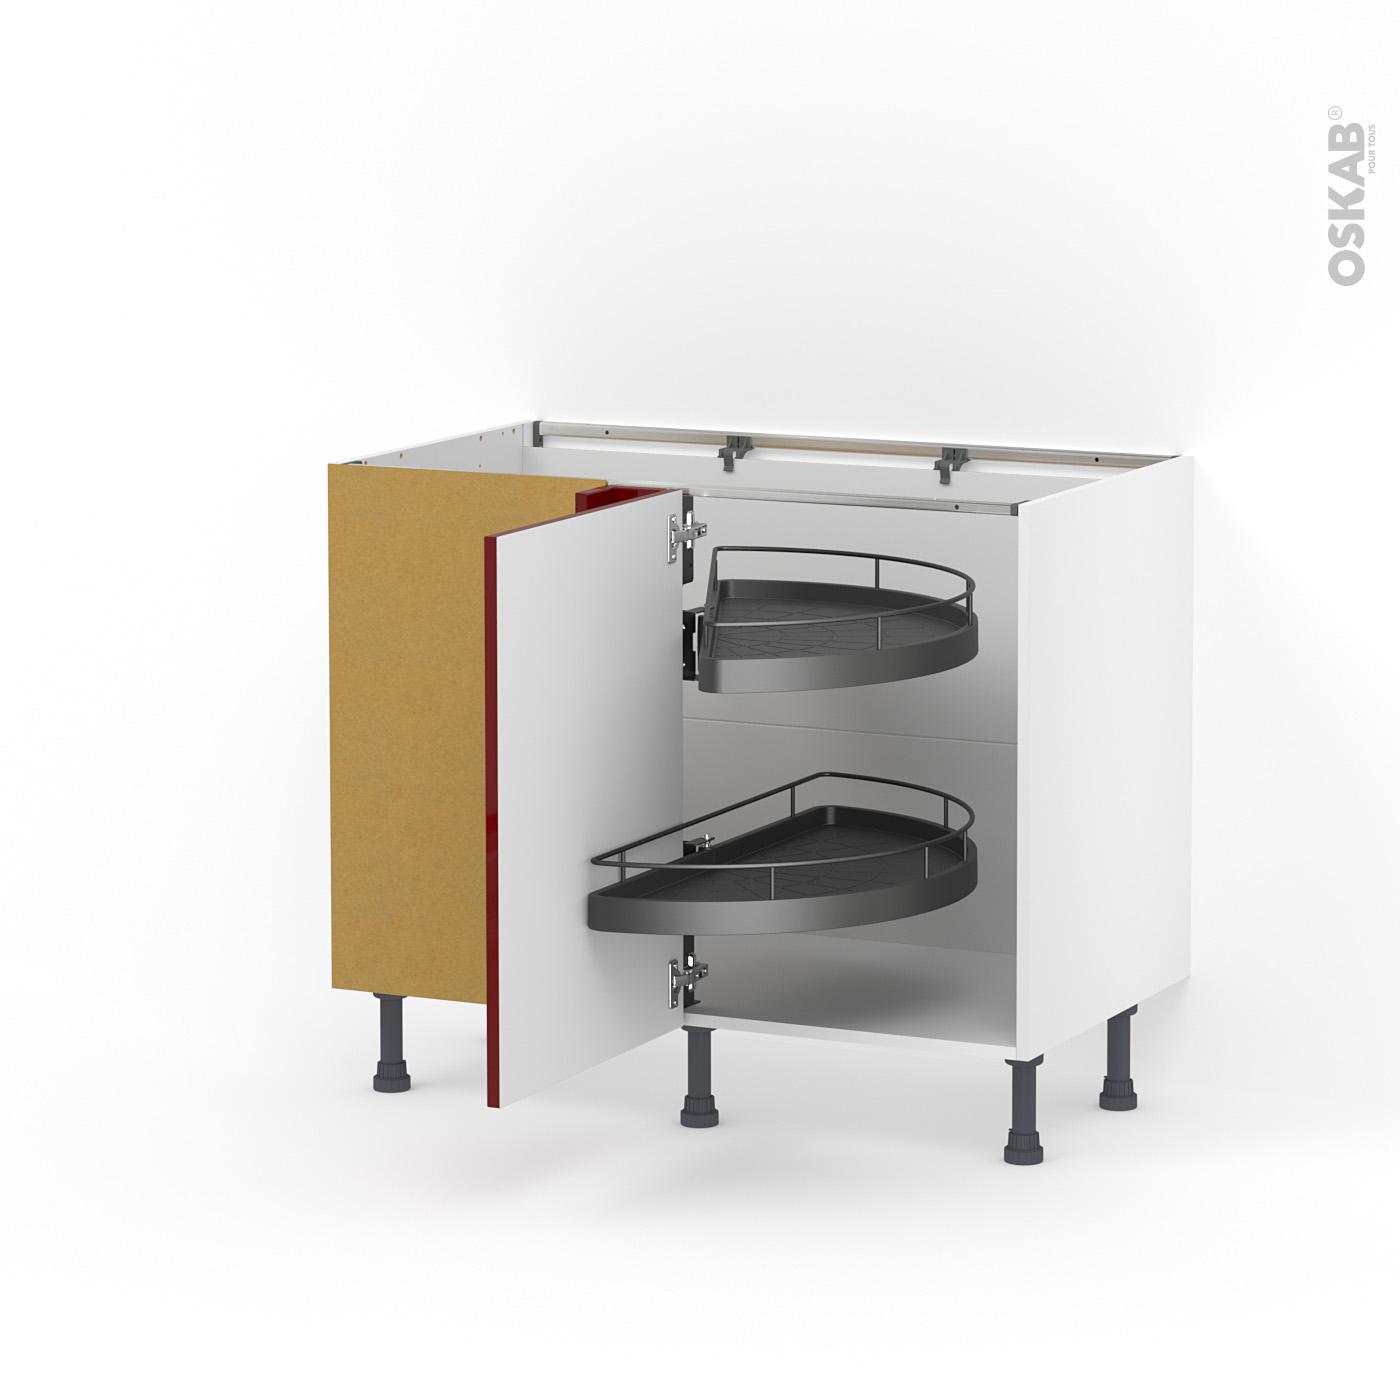 Meuble de cuisine Angle bas IVIA Rouge, Demi lune EPOXY, 10 porte N°10 L10  cm, L100 x H10 x P10 cm